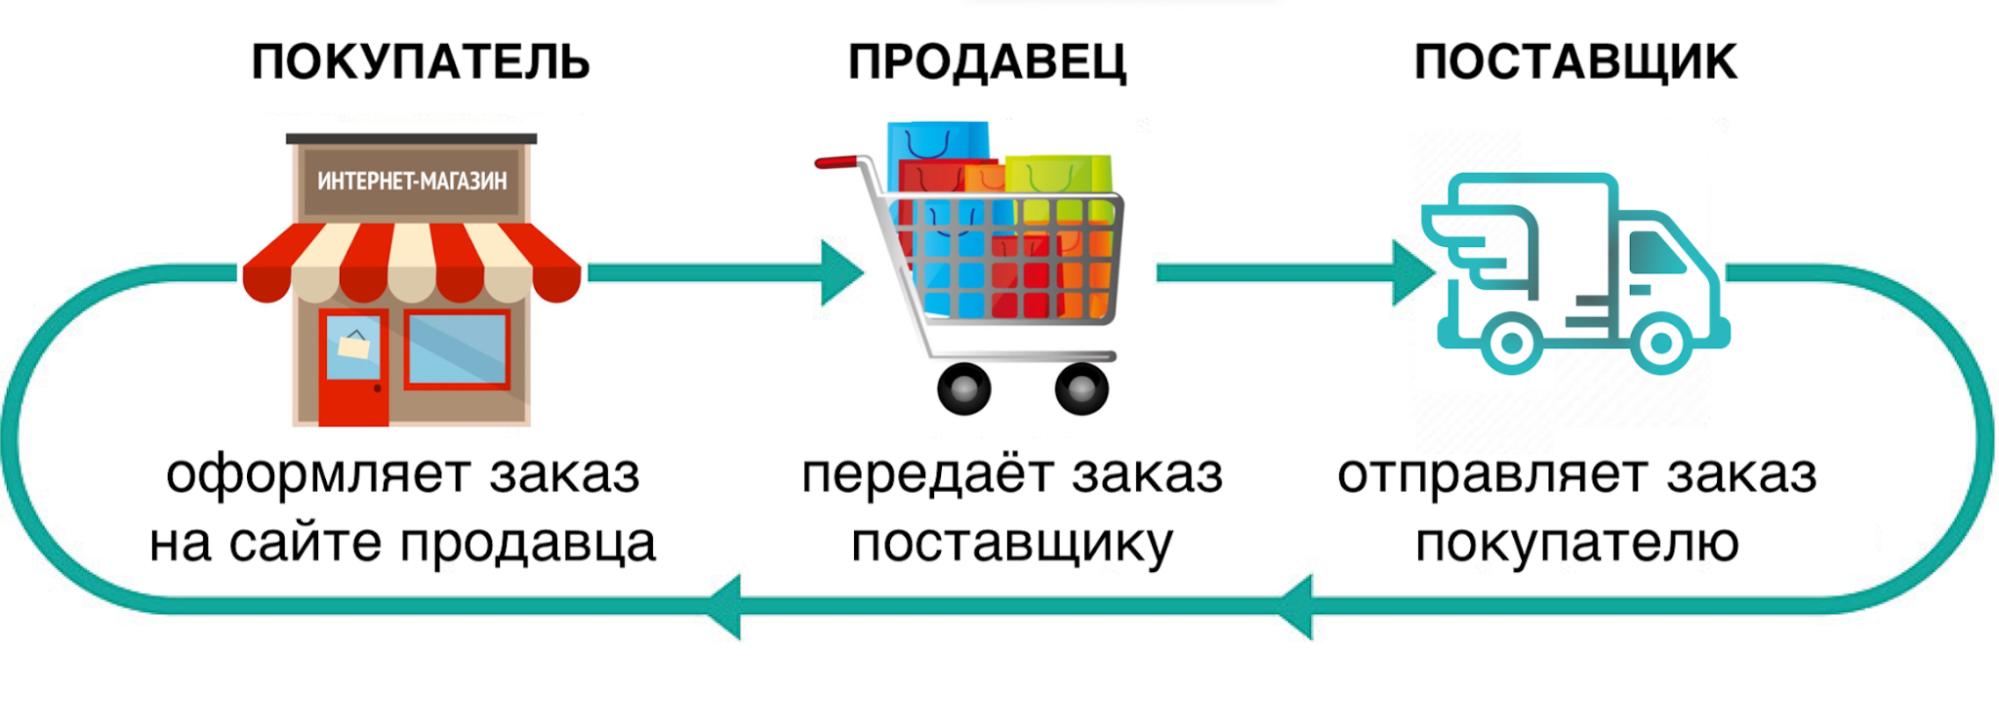 Как работает дропшиппинг на примере схемы от vrogov.ru